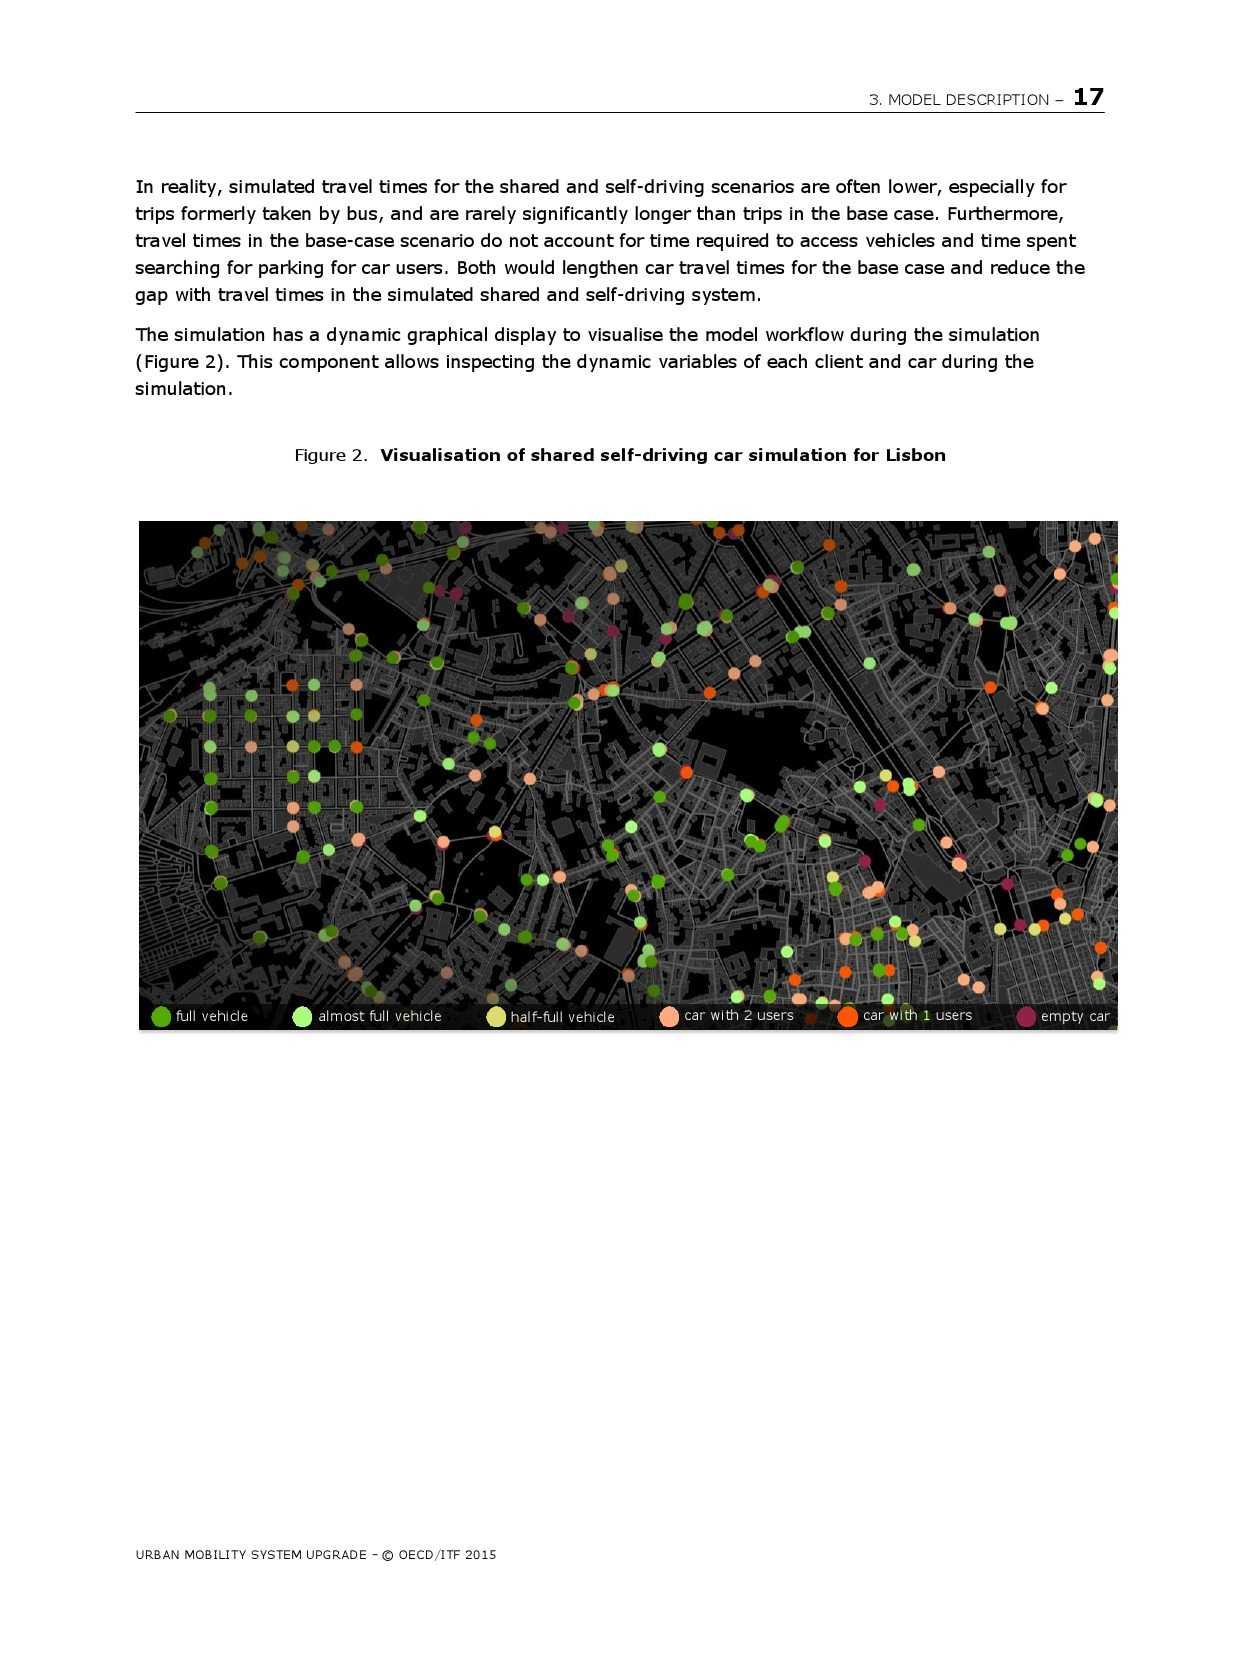 经合组织:城市交通系统升级共享汽车如何改变城市交通_000018